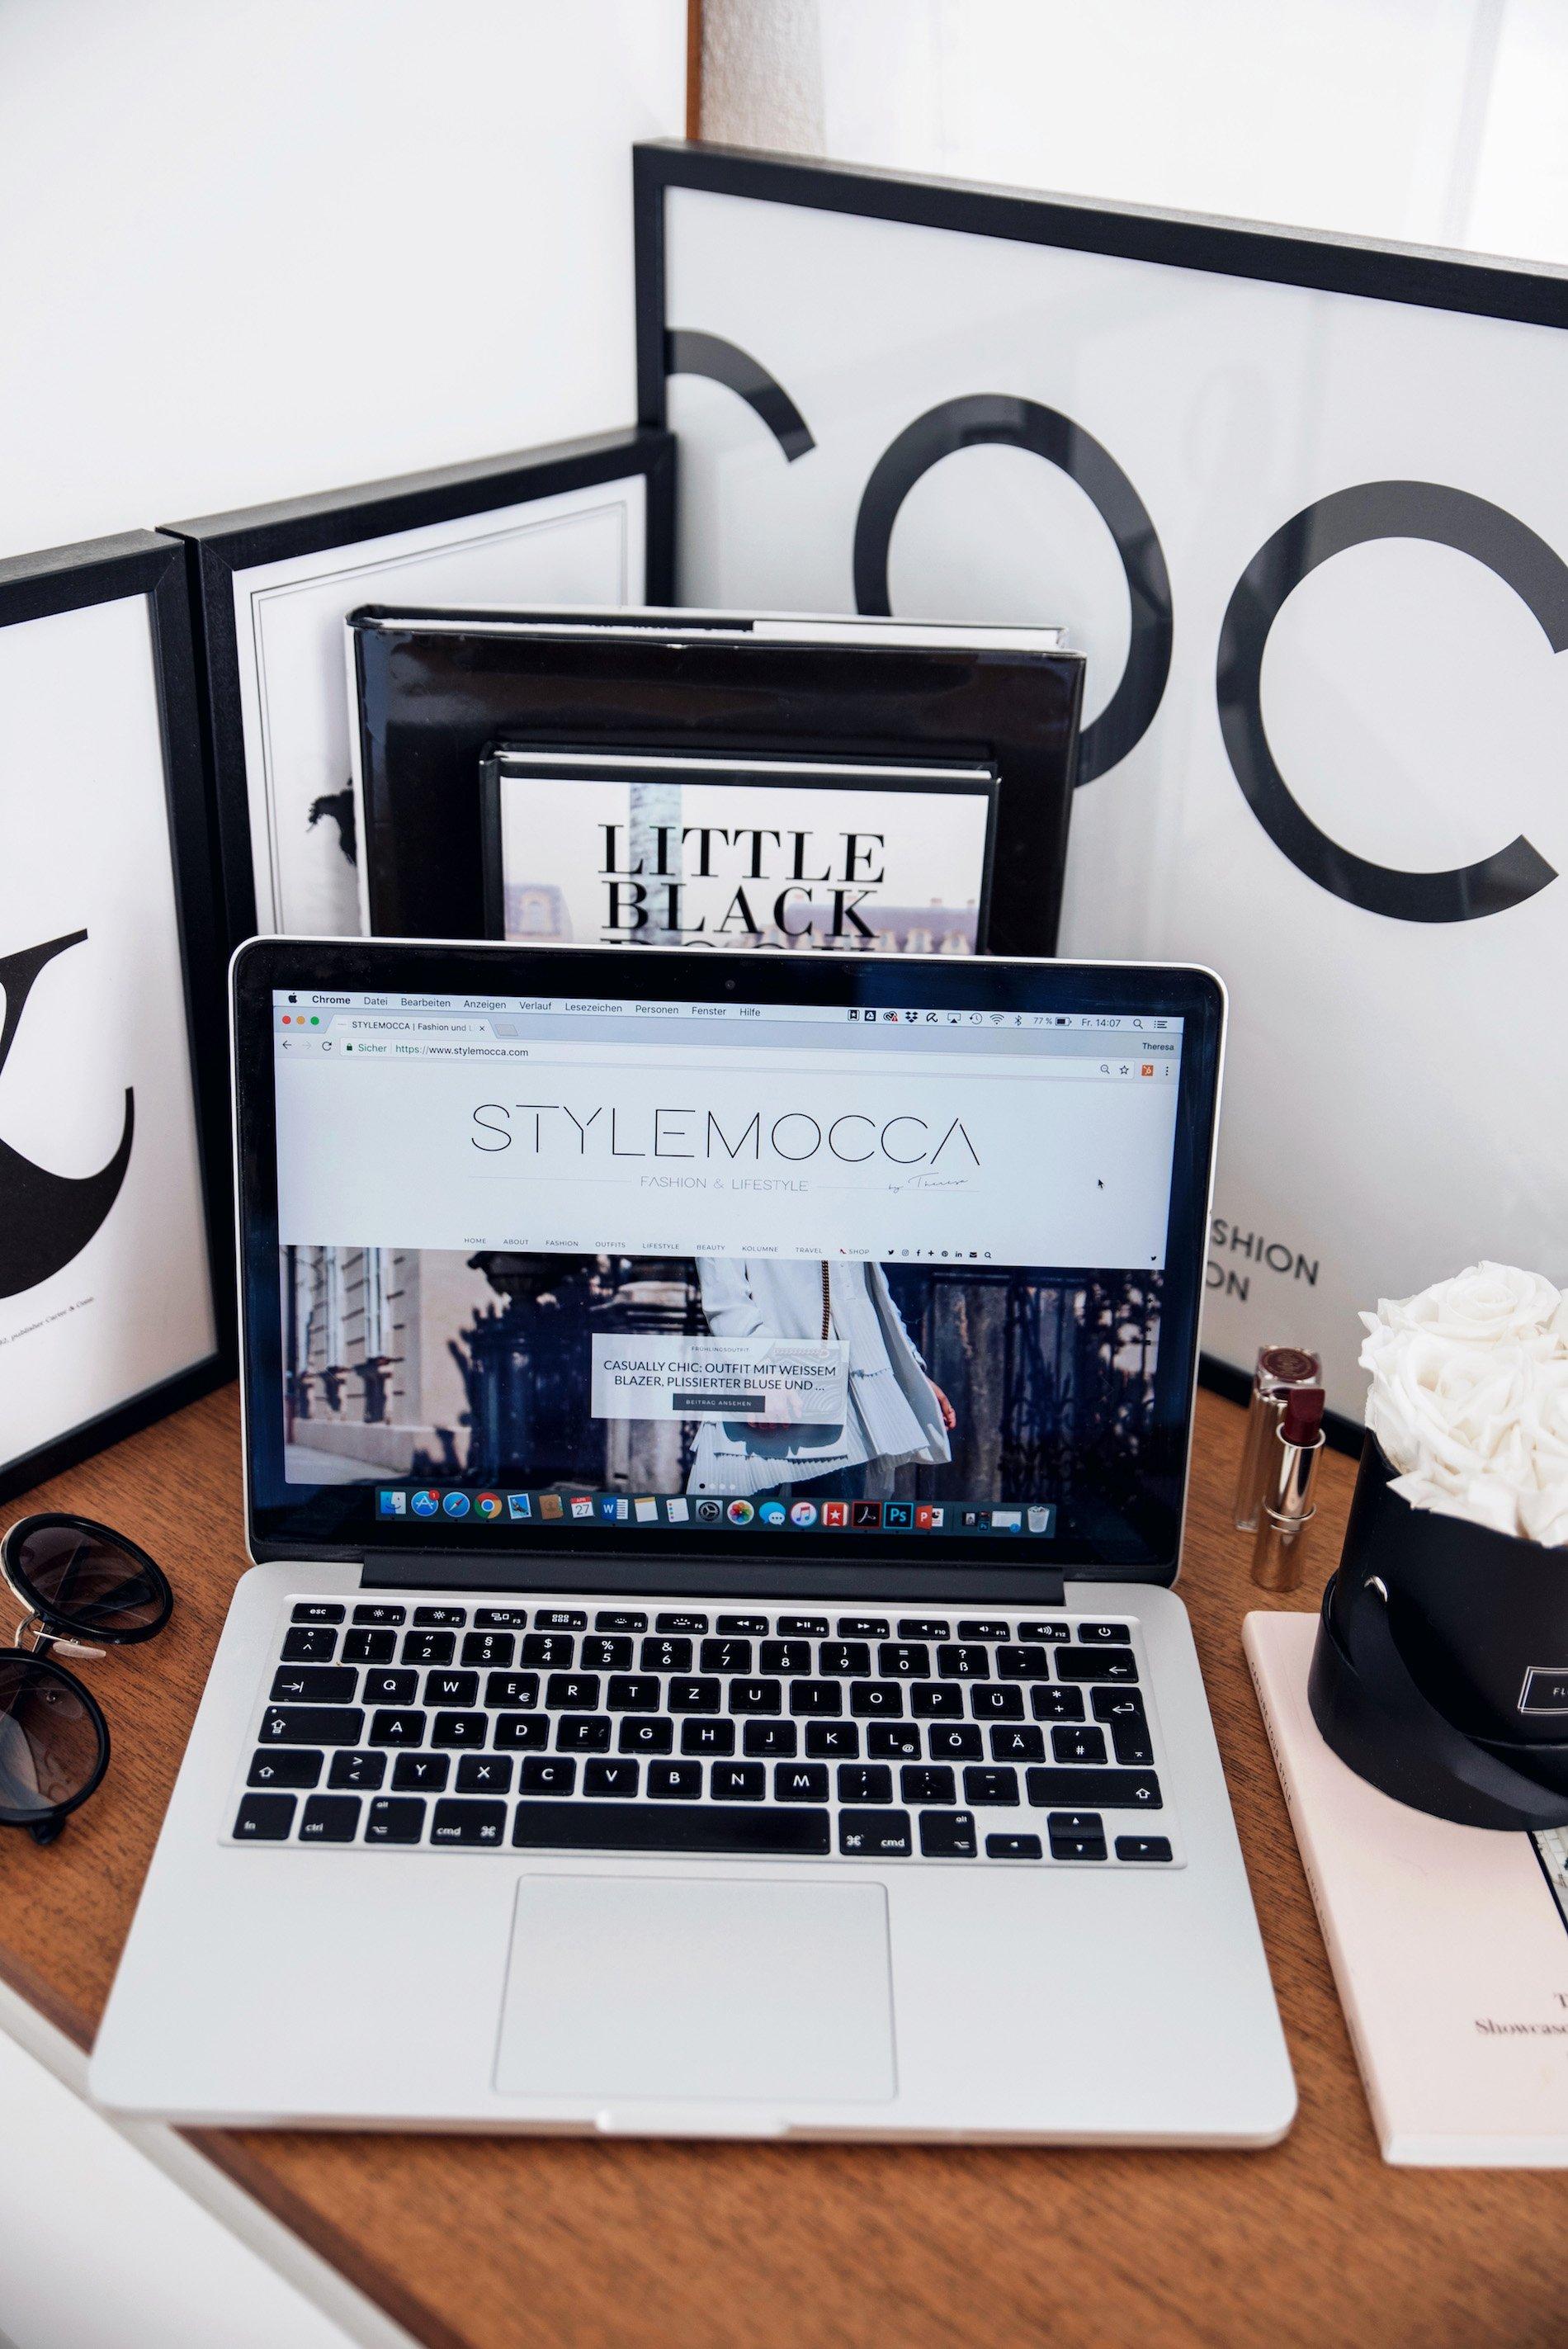 Selbstständig als Blogger - Gewerbeanmeldung, Versicherung und steuerliche Angelegenheiten